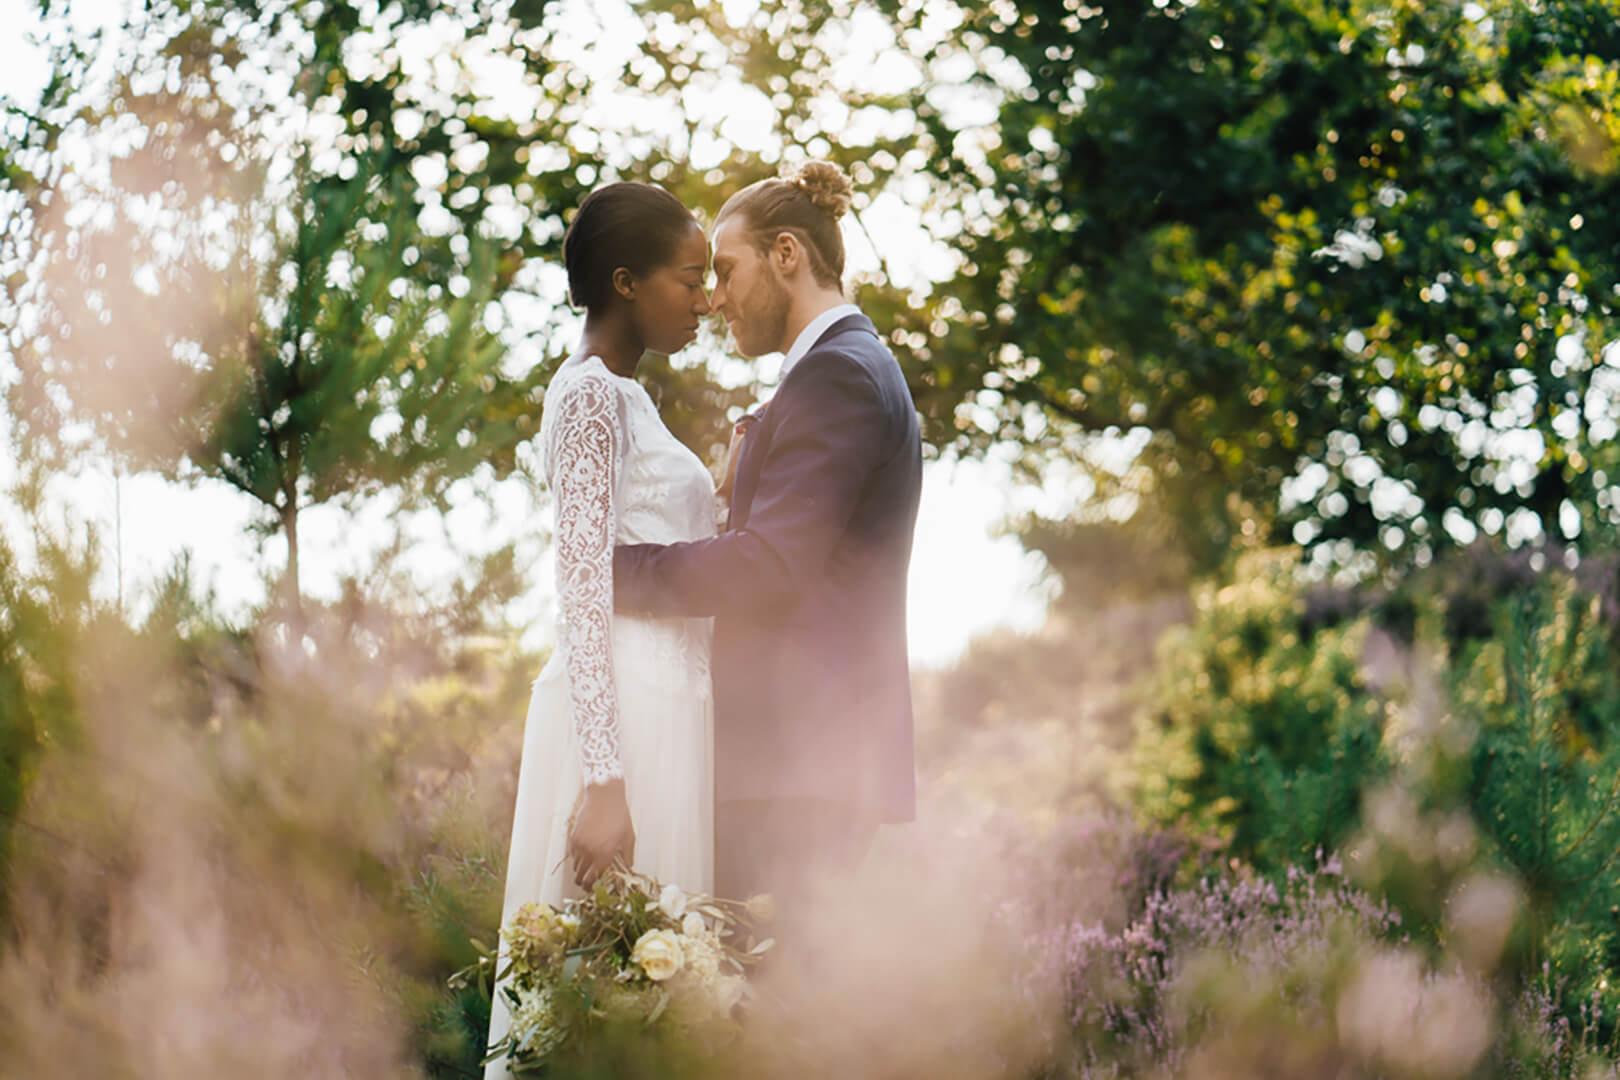 Hochzeitsfotografie-Highlights-Hanna-Hong-05